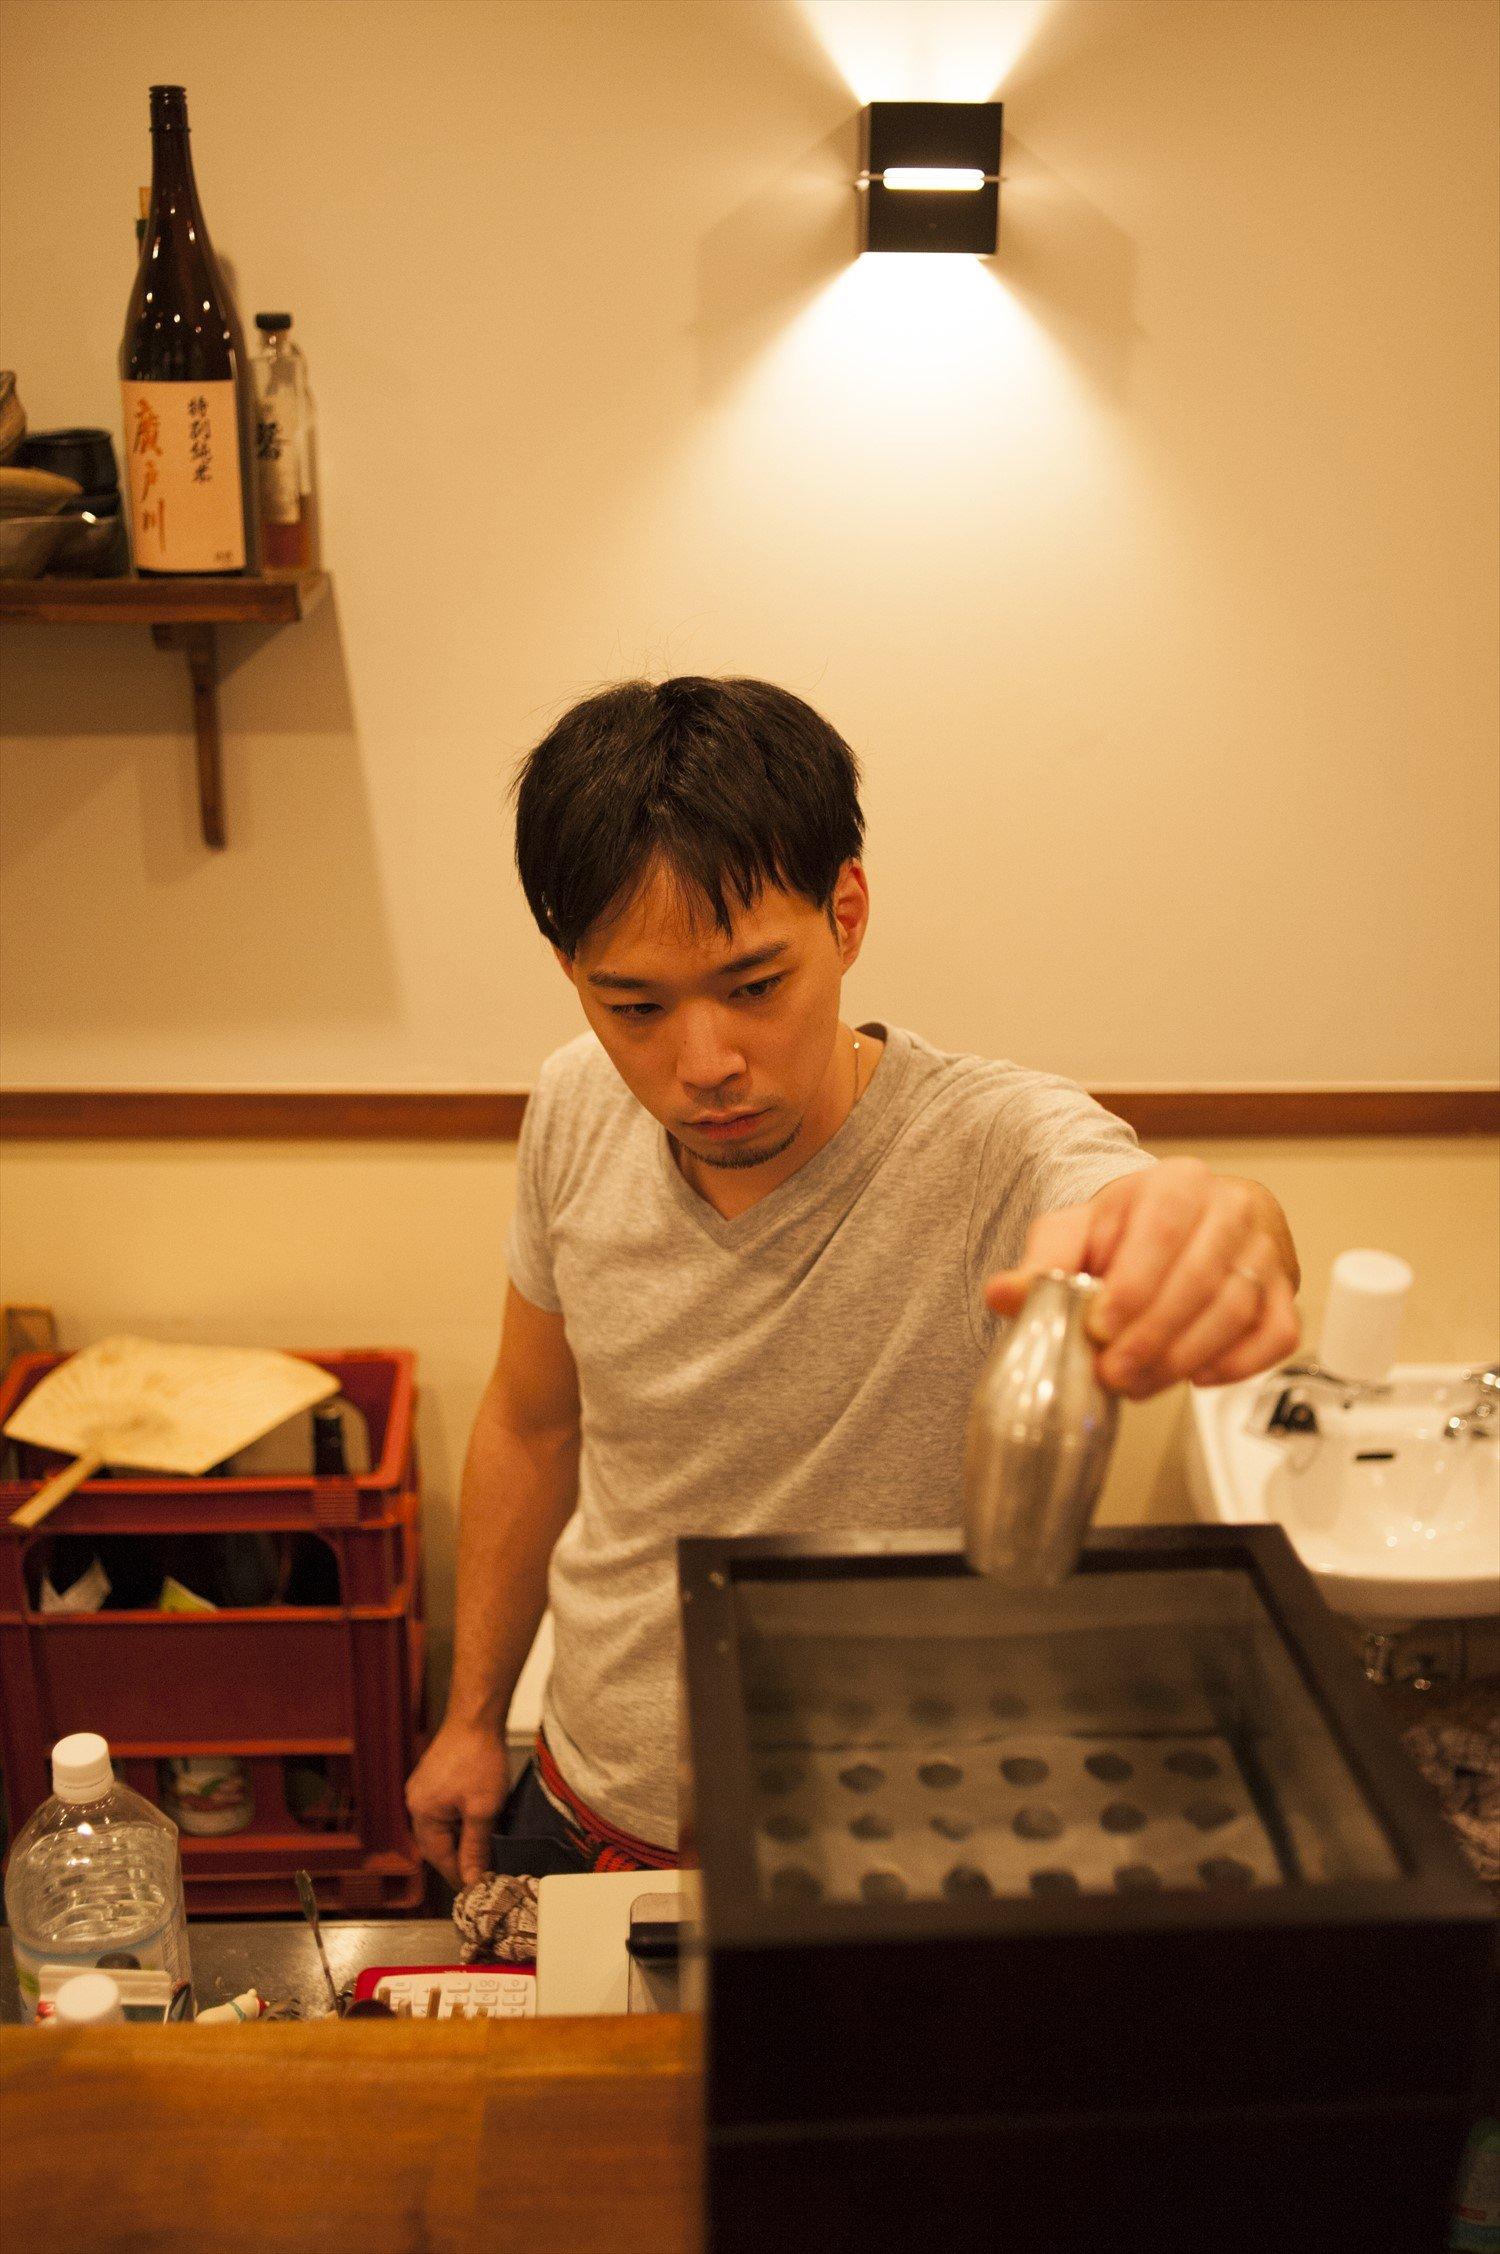 店主の多田修平さんの晩酌は燗酒という。